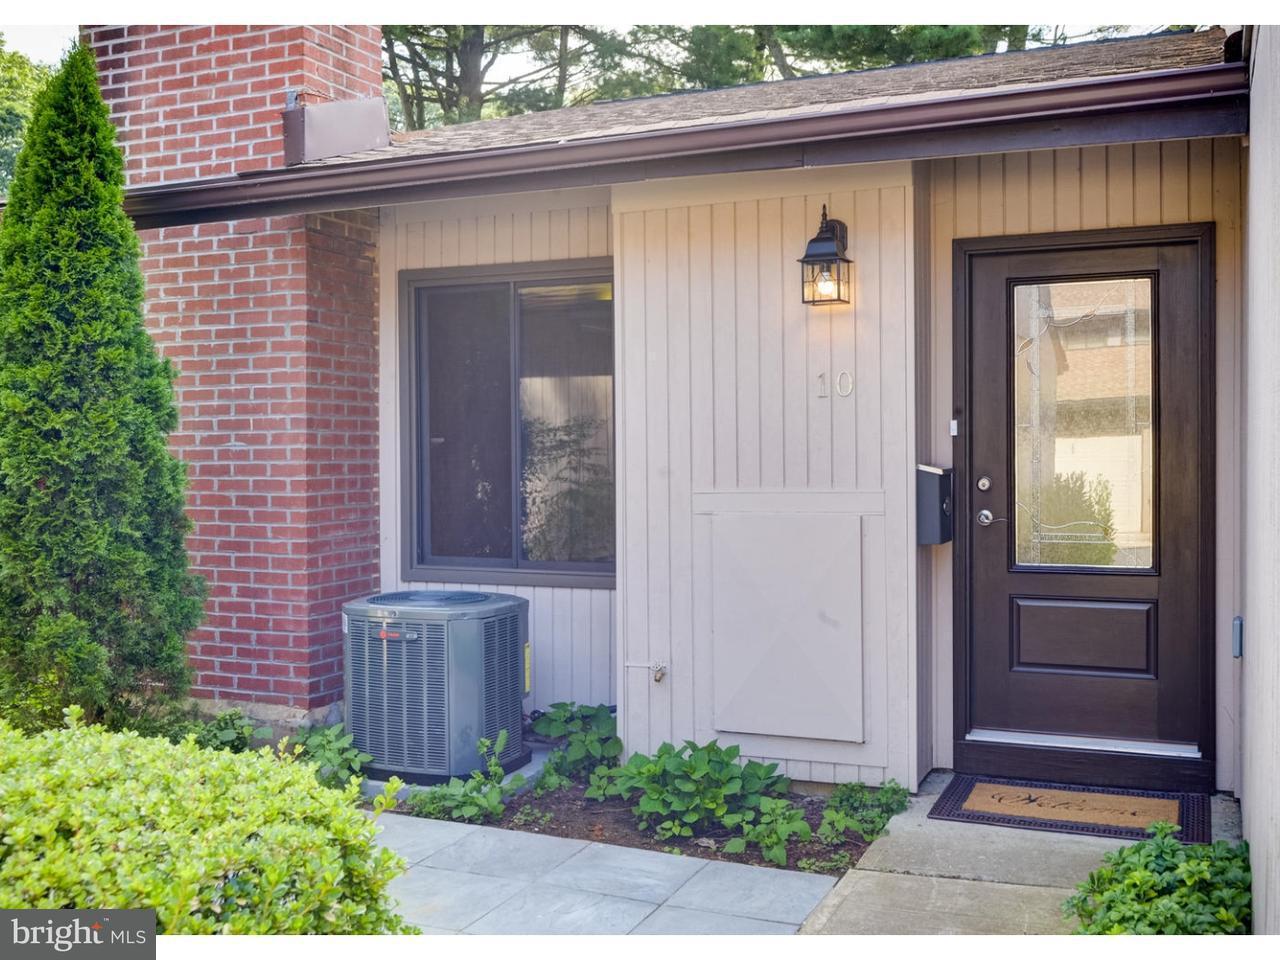 联栋屋 为 销售 在 10 AUBURN Court 米德尔敦, 新泽西州 07701 美国